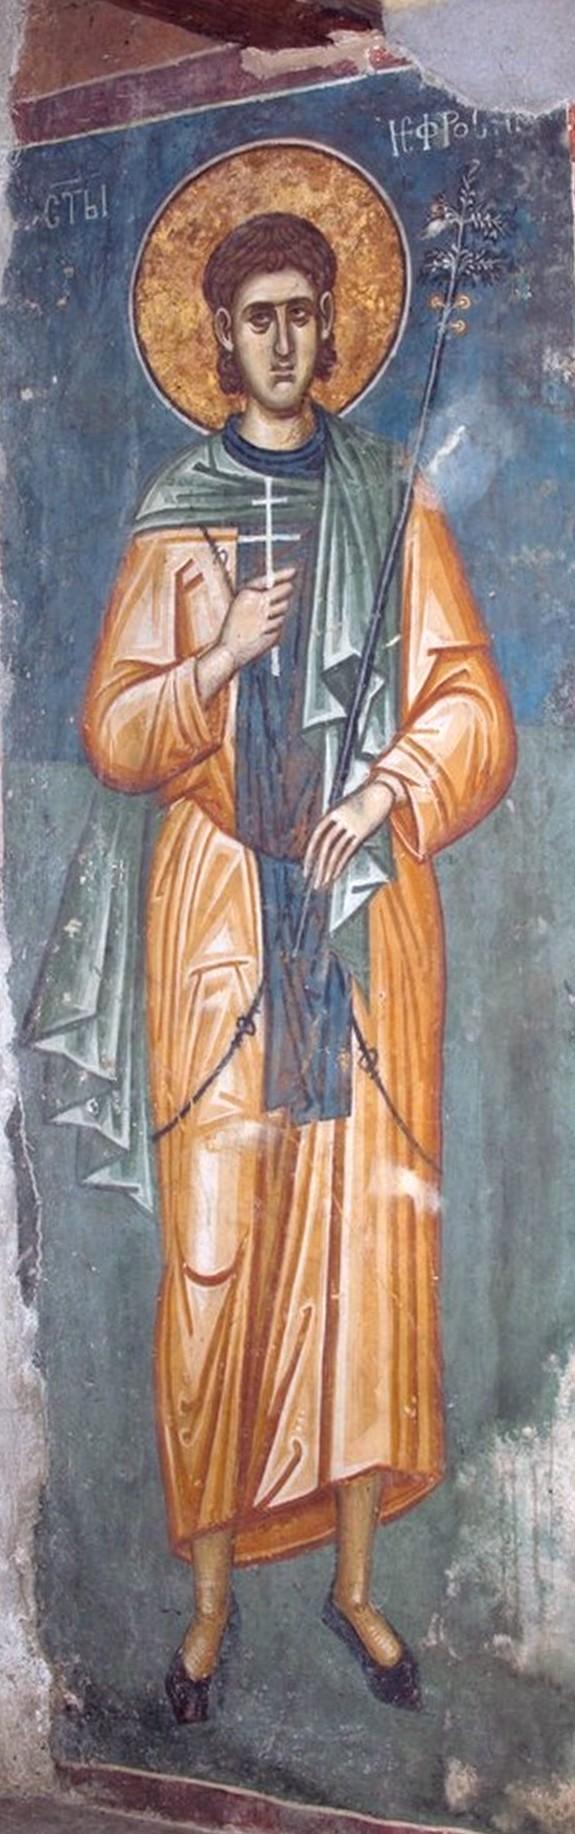 Святой Преподобный Евфросин Палестинский, повар. Фреска монастыря Высокие Дечаны, Косово, Сербия. Около 1350 года.